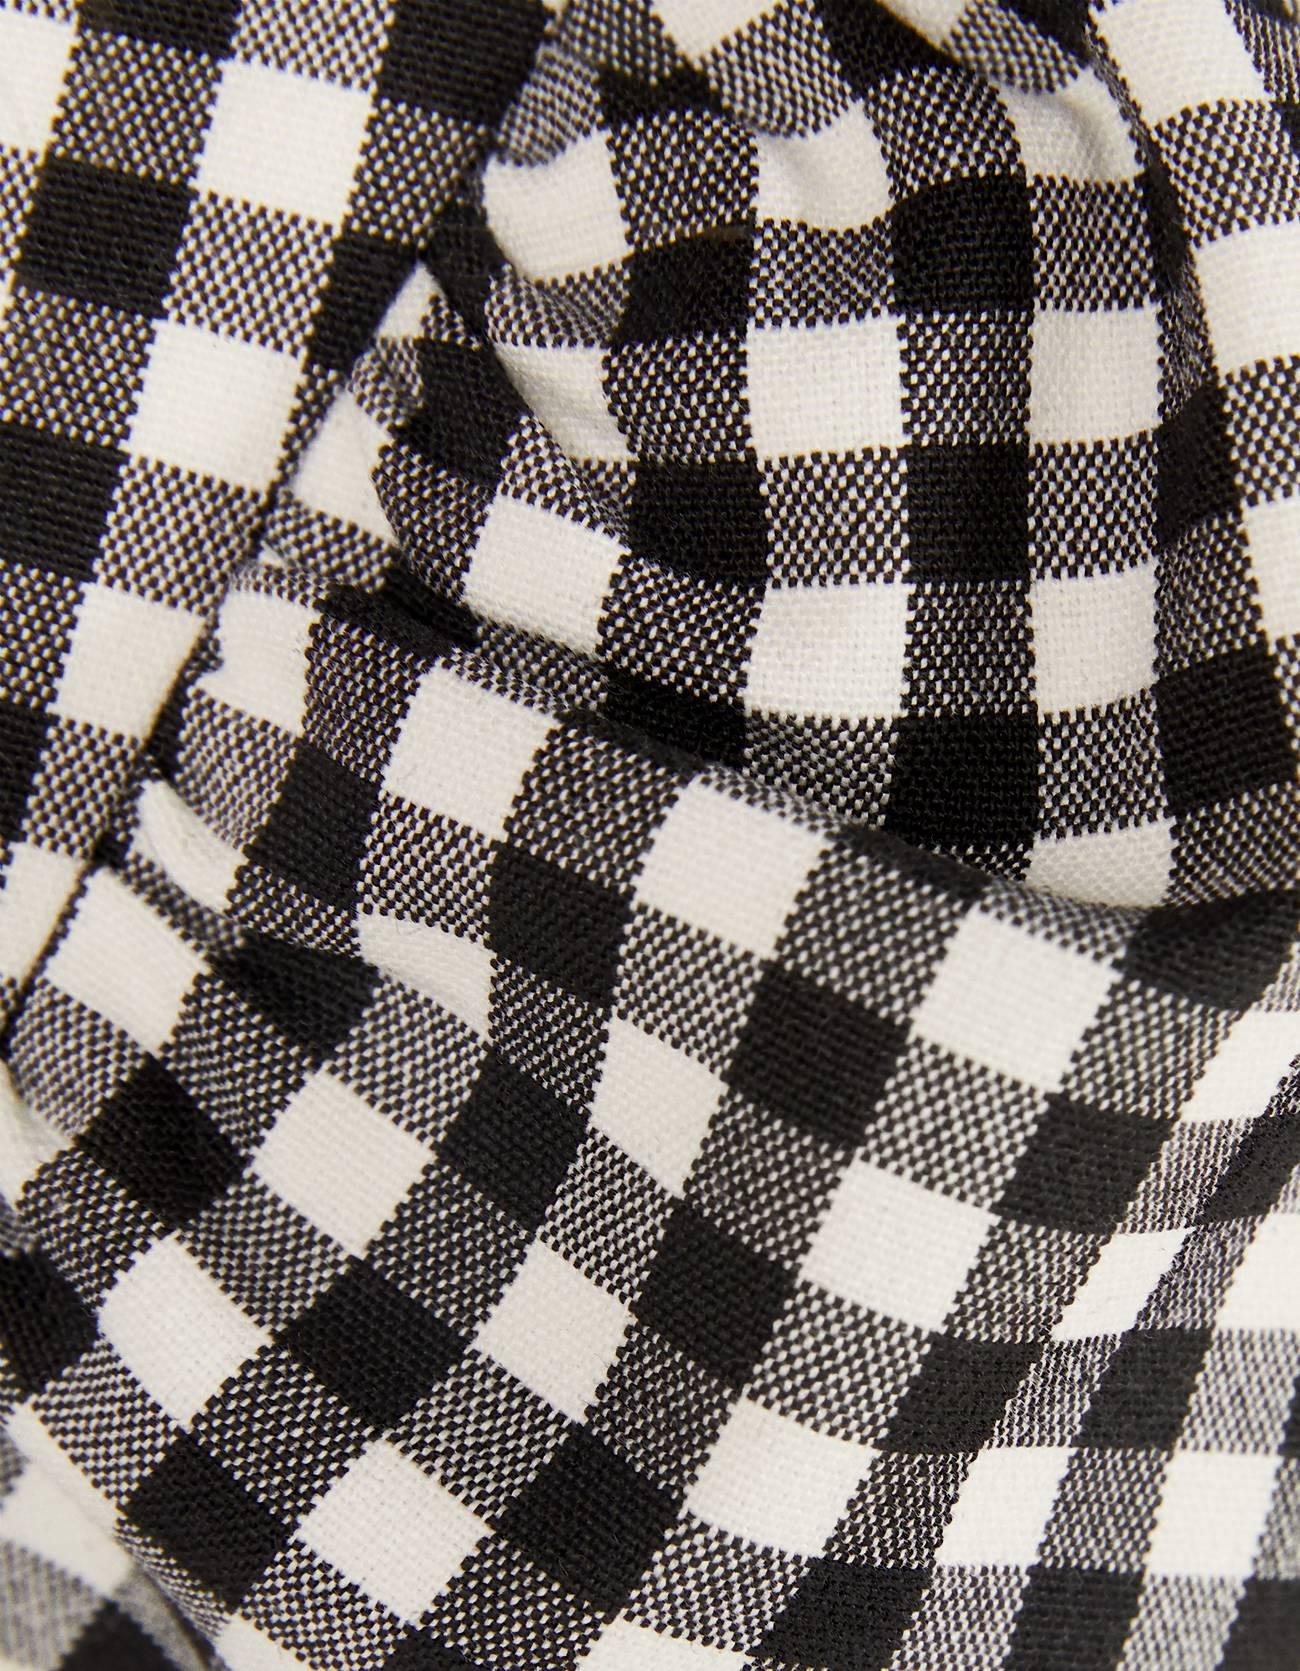 Пиджак объемного кроя в клетку виши Белый/Черный Bershka